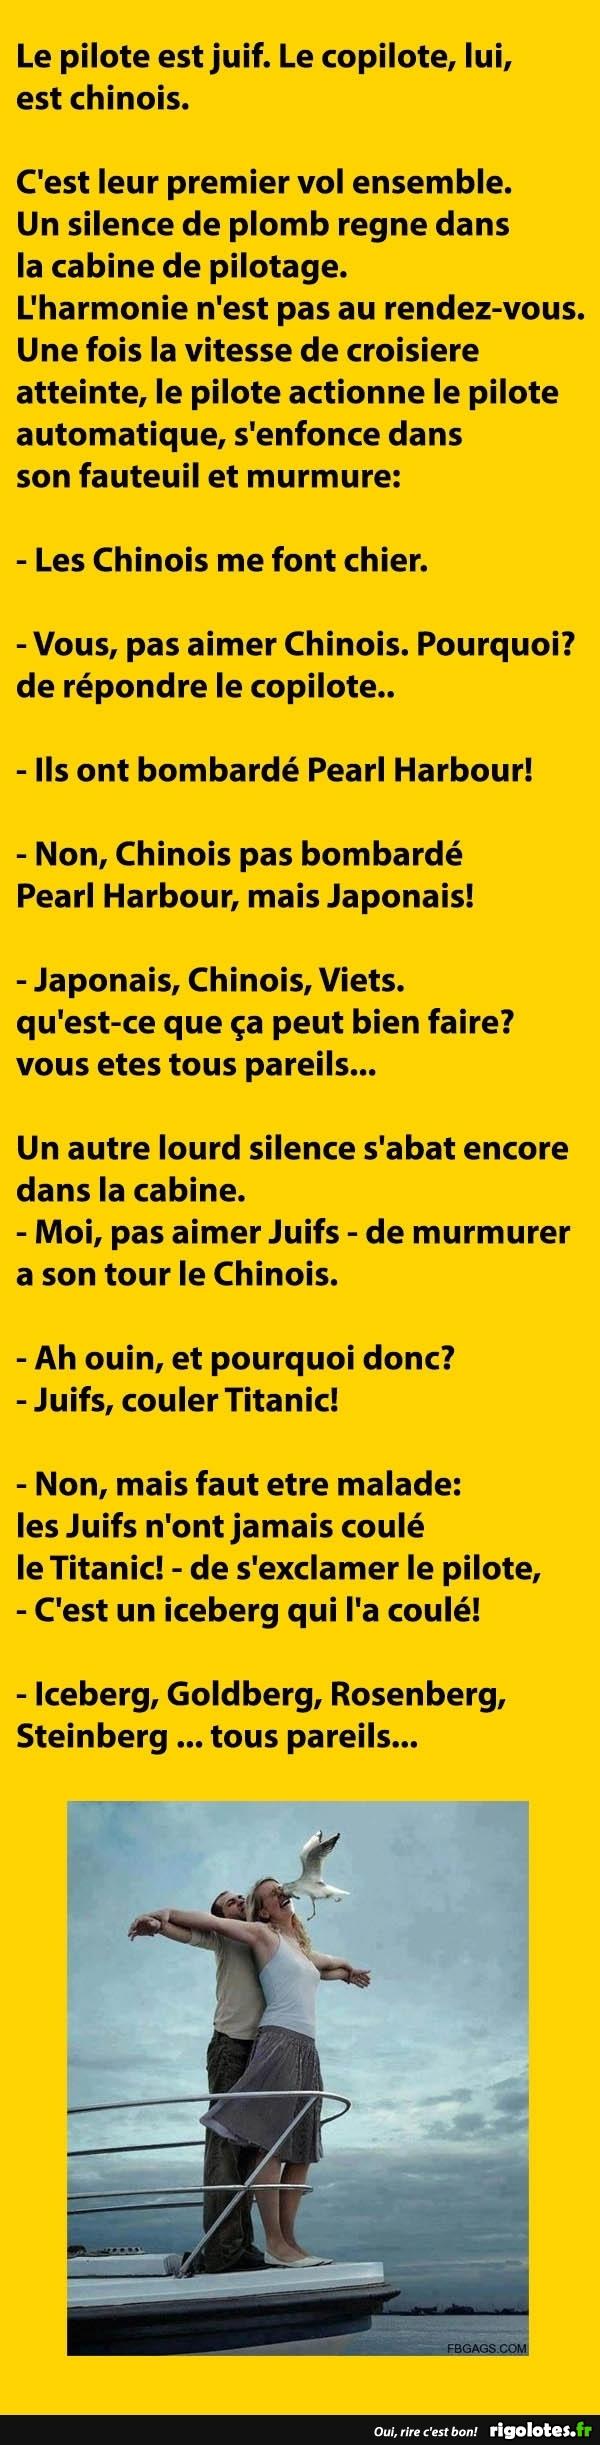 humour du jour - Page 28 12245110